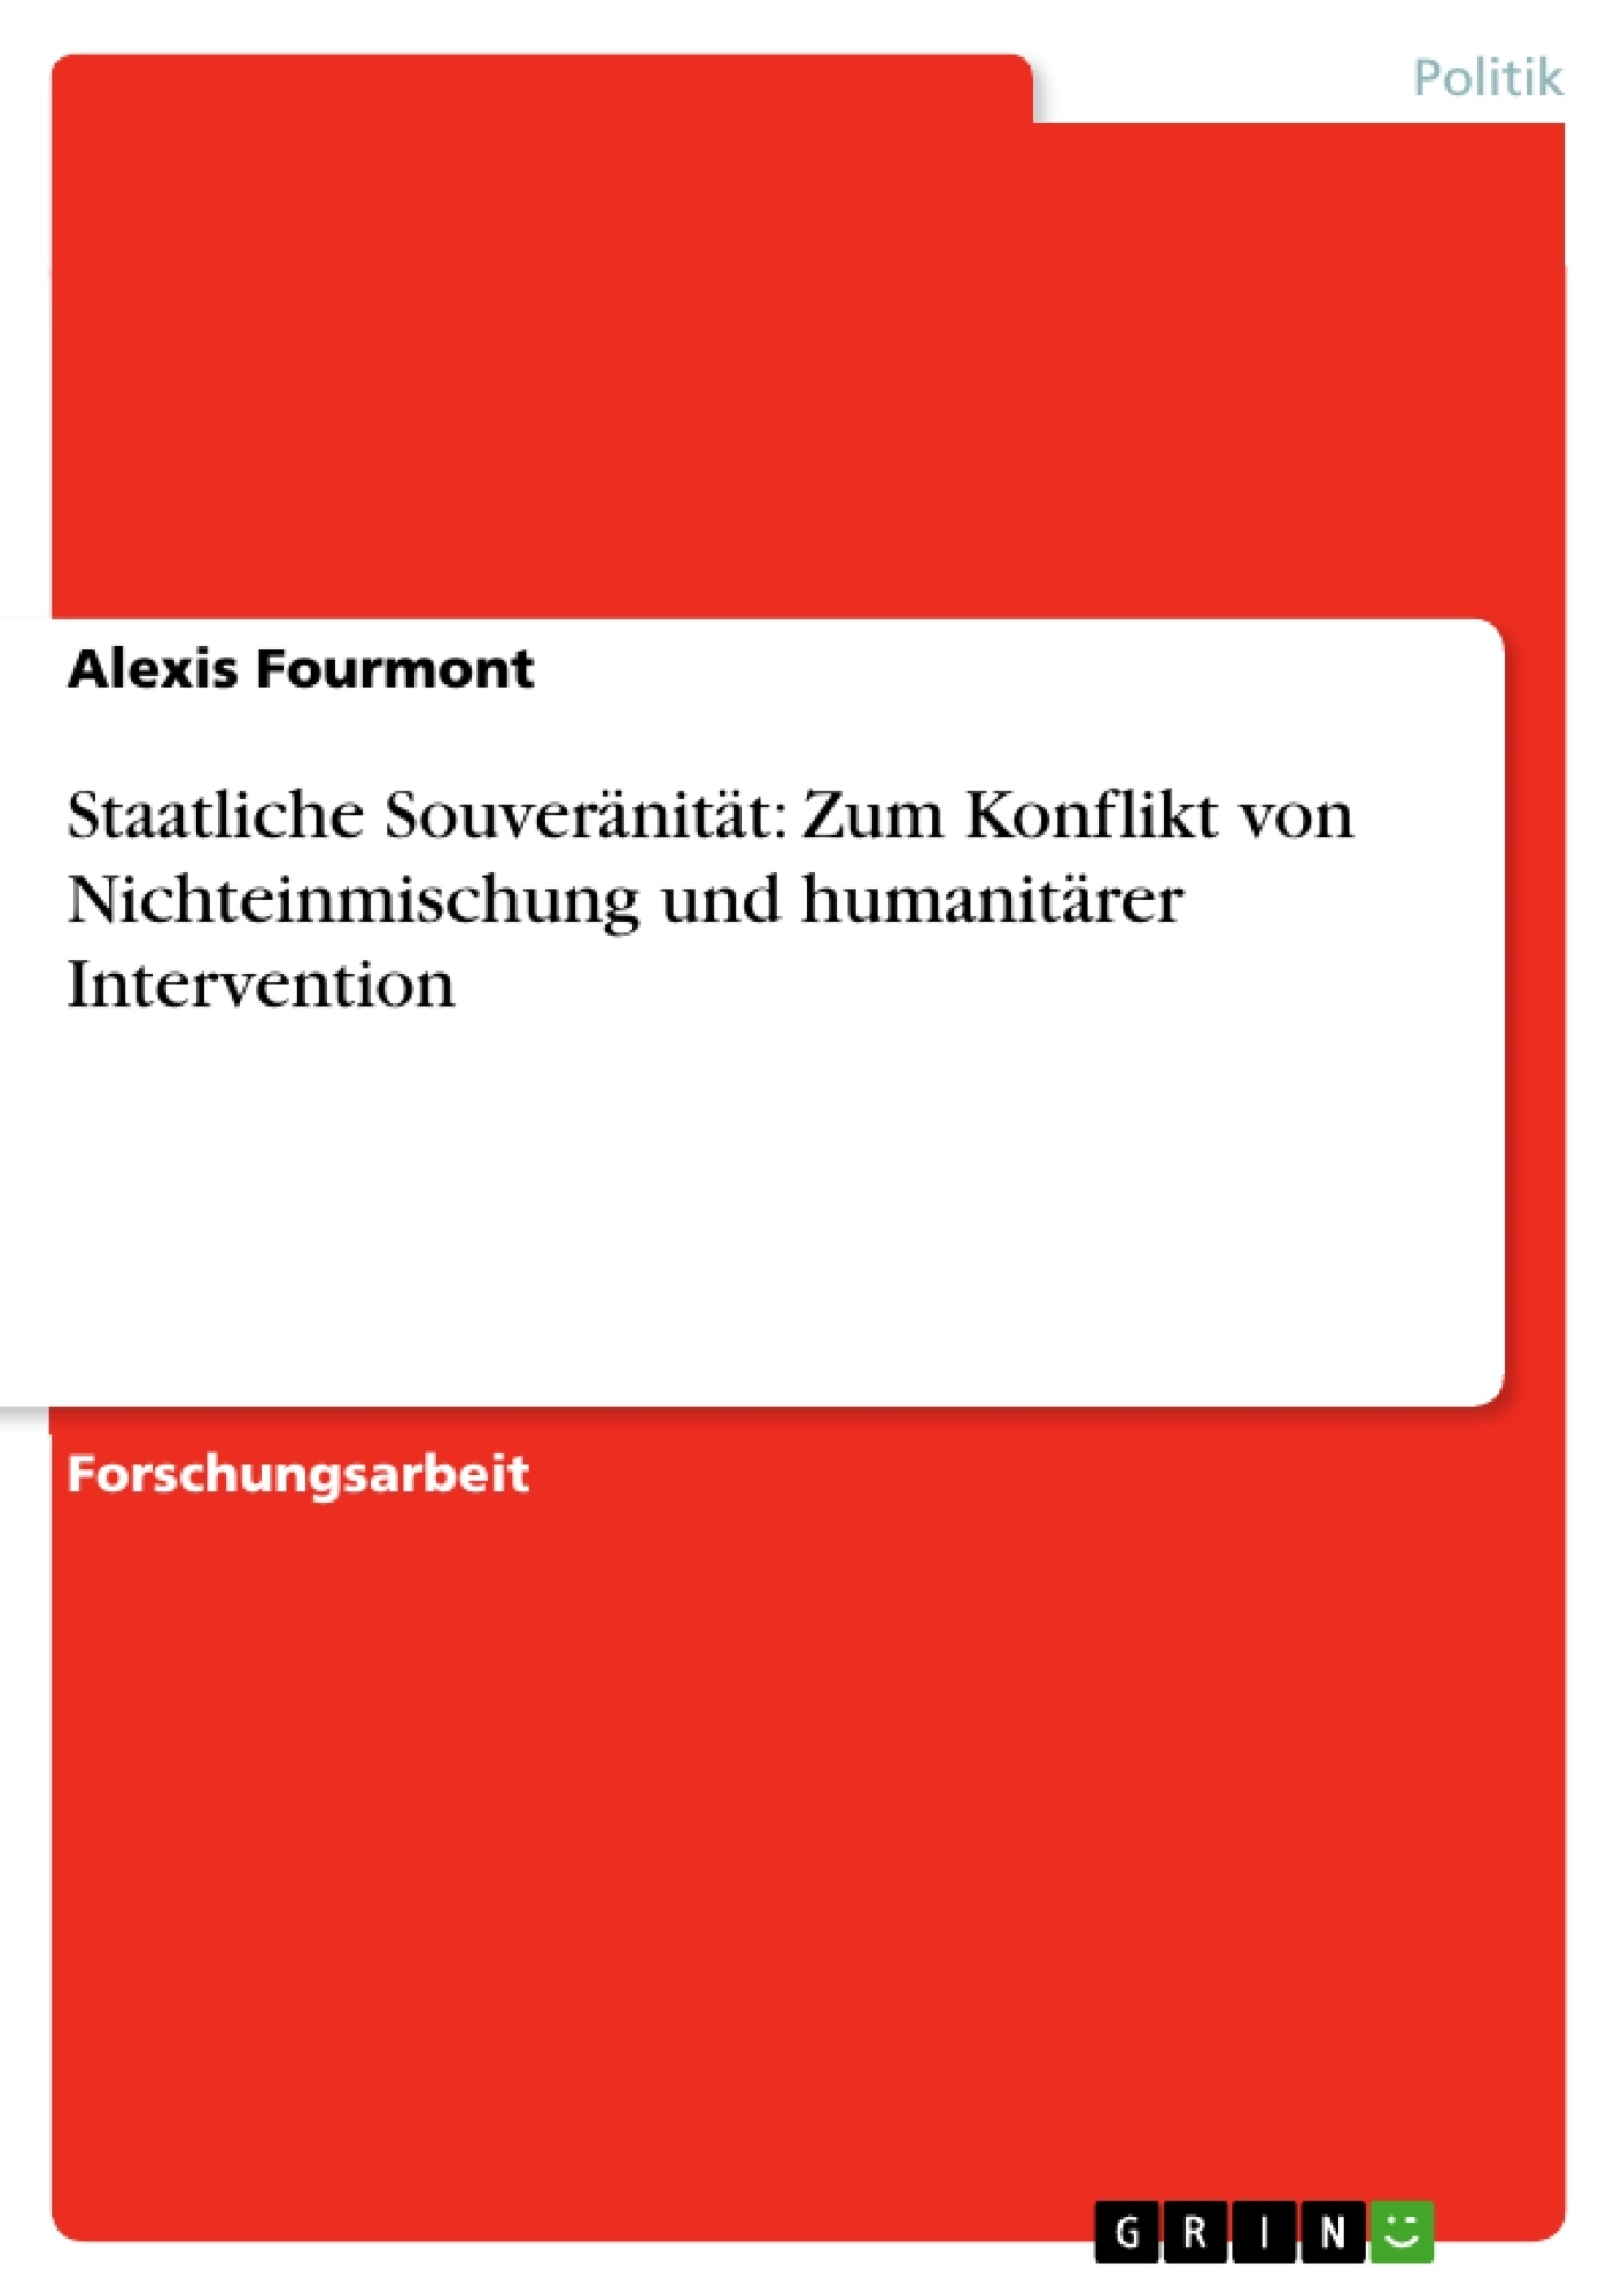 Titel: Staatliche Souveränität: Zum Konflikt von Nichteinmischung und humanitärer Intervention